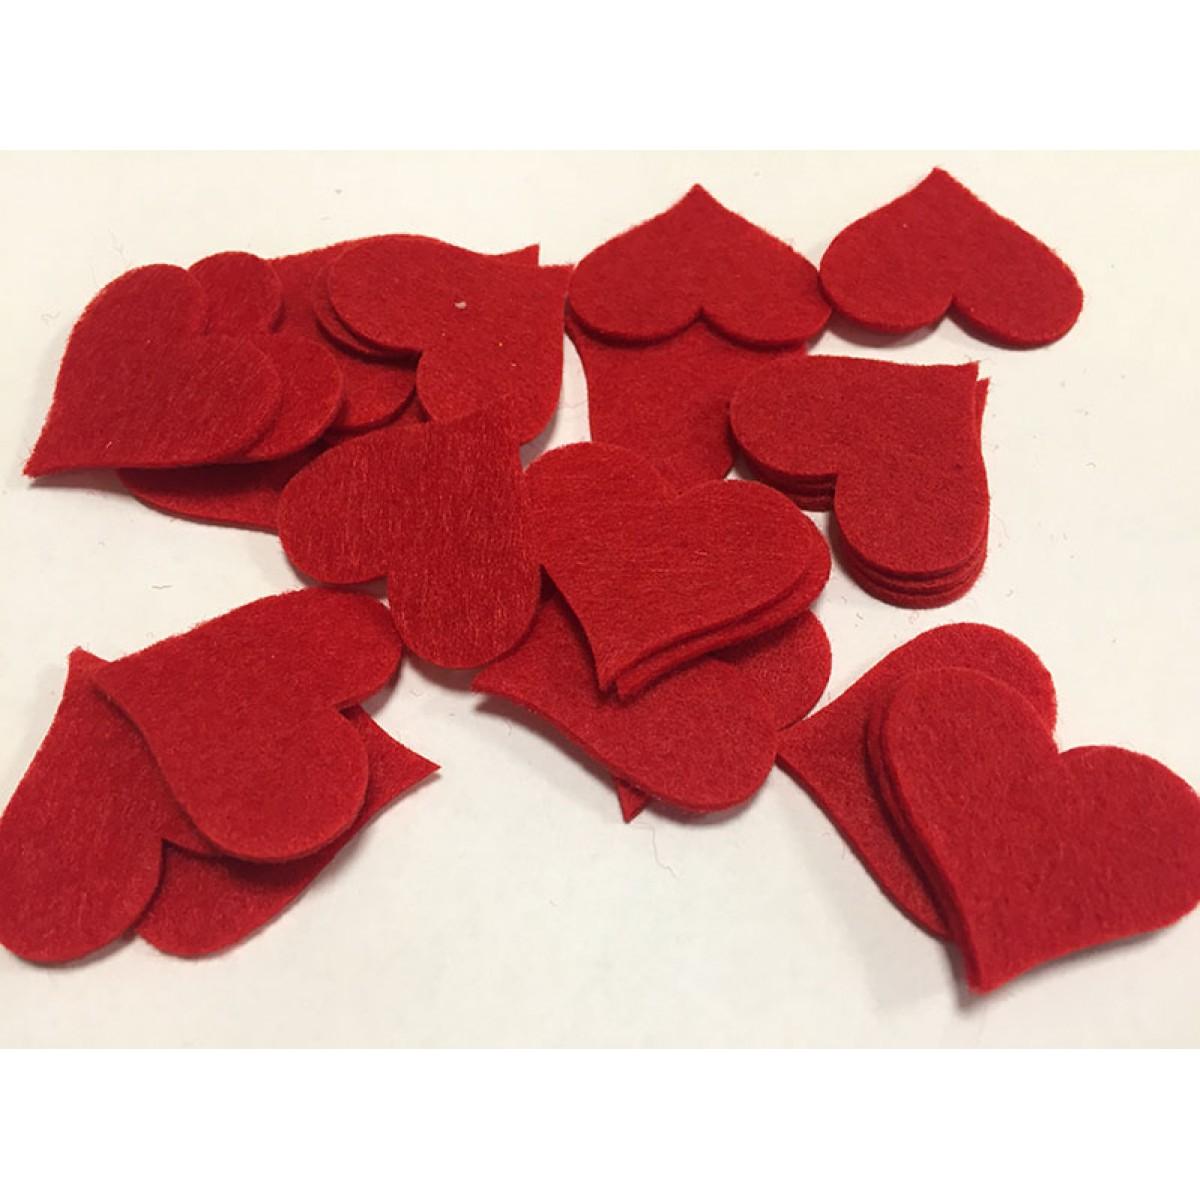 Καρδιές Τσόχινες 35mm 24τεμ Υλικά Χειροτεχνίας